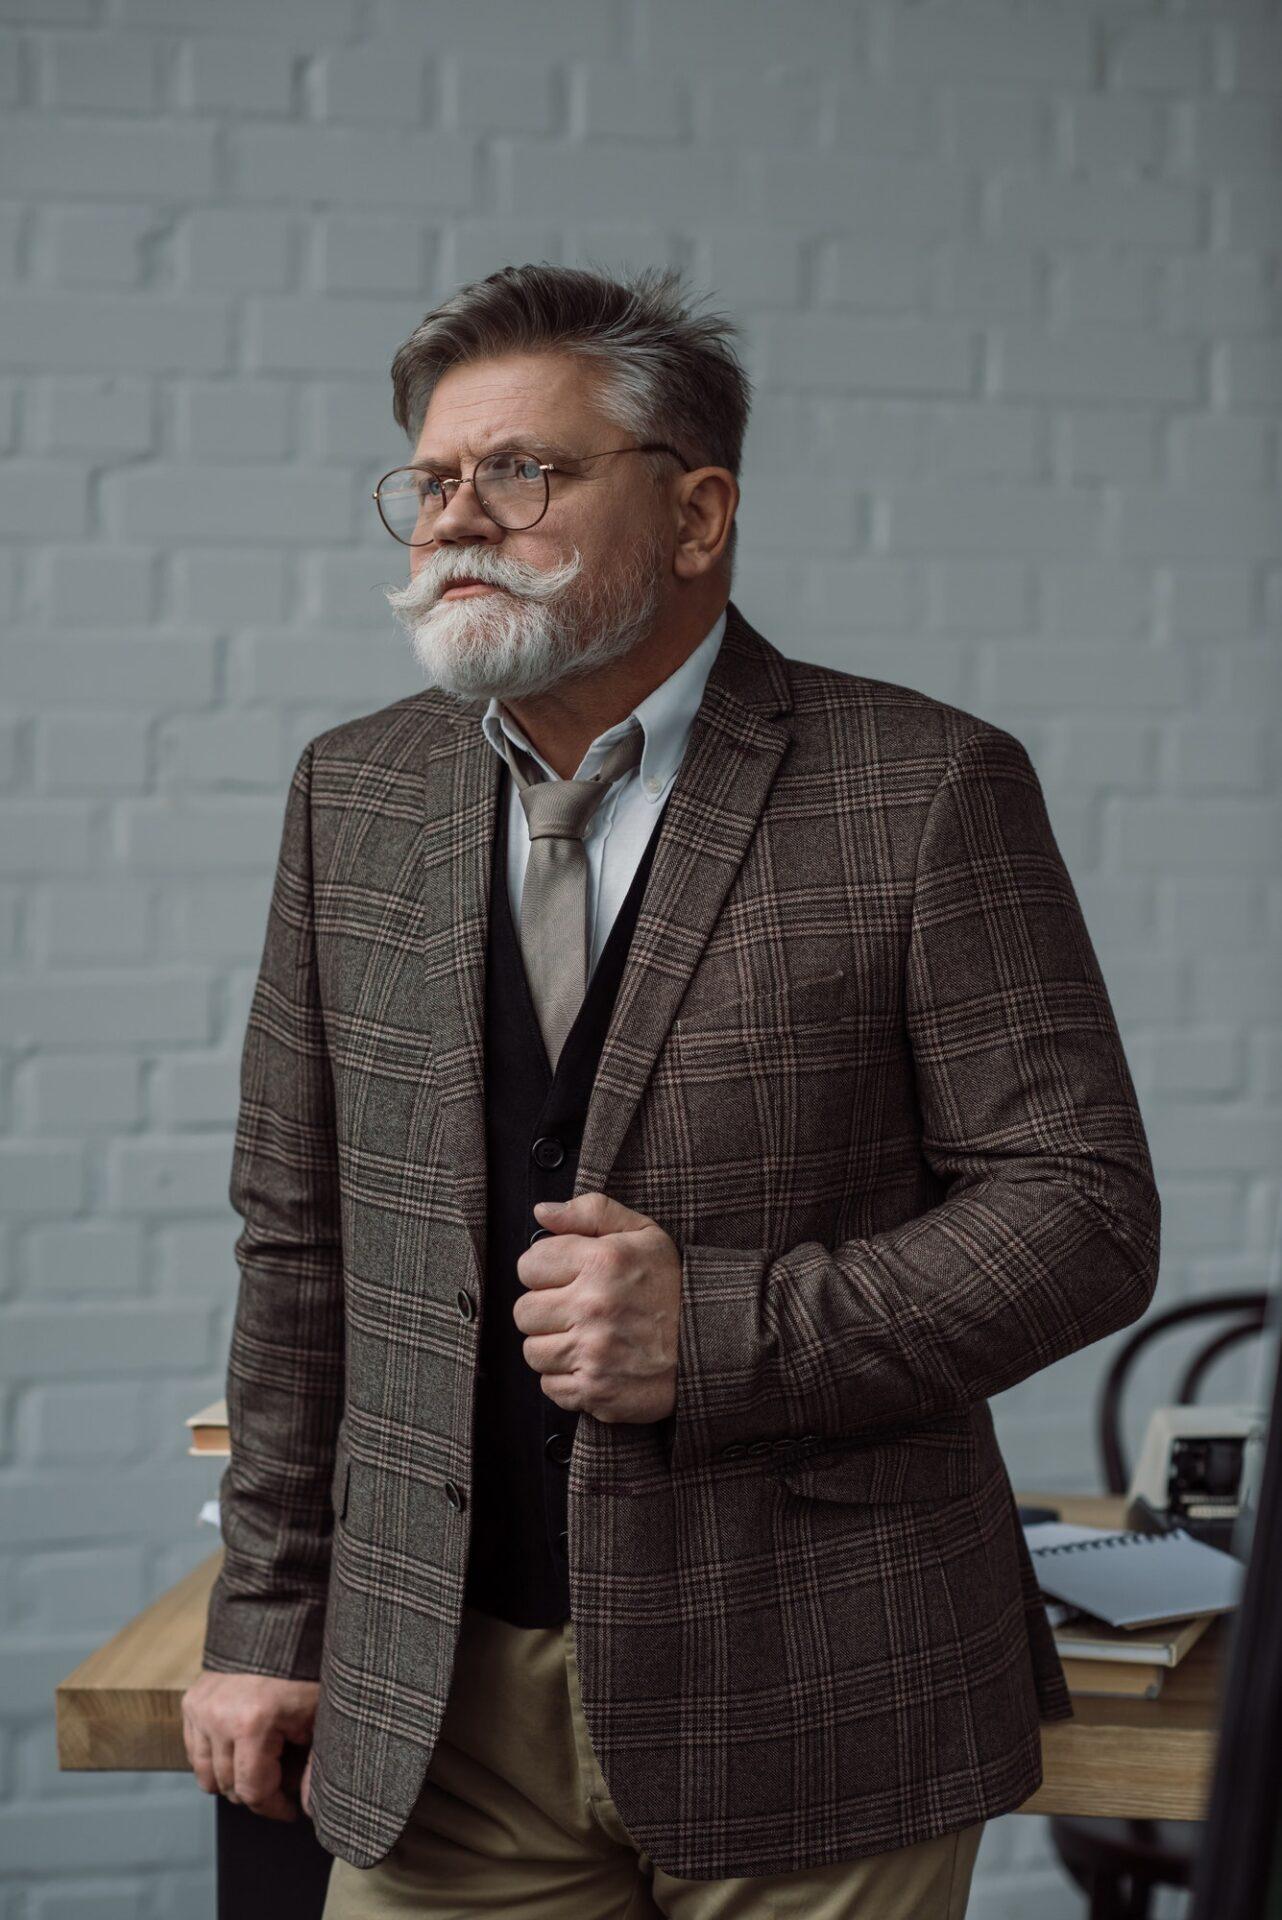 senior-writer-in-tweed-suit-and-eyeglasses-near-workplace.jpg